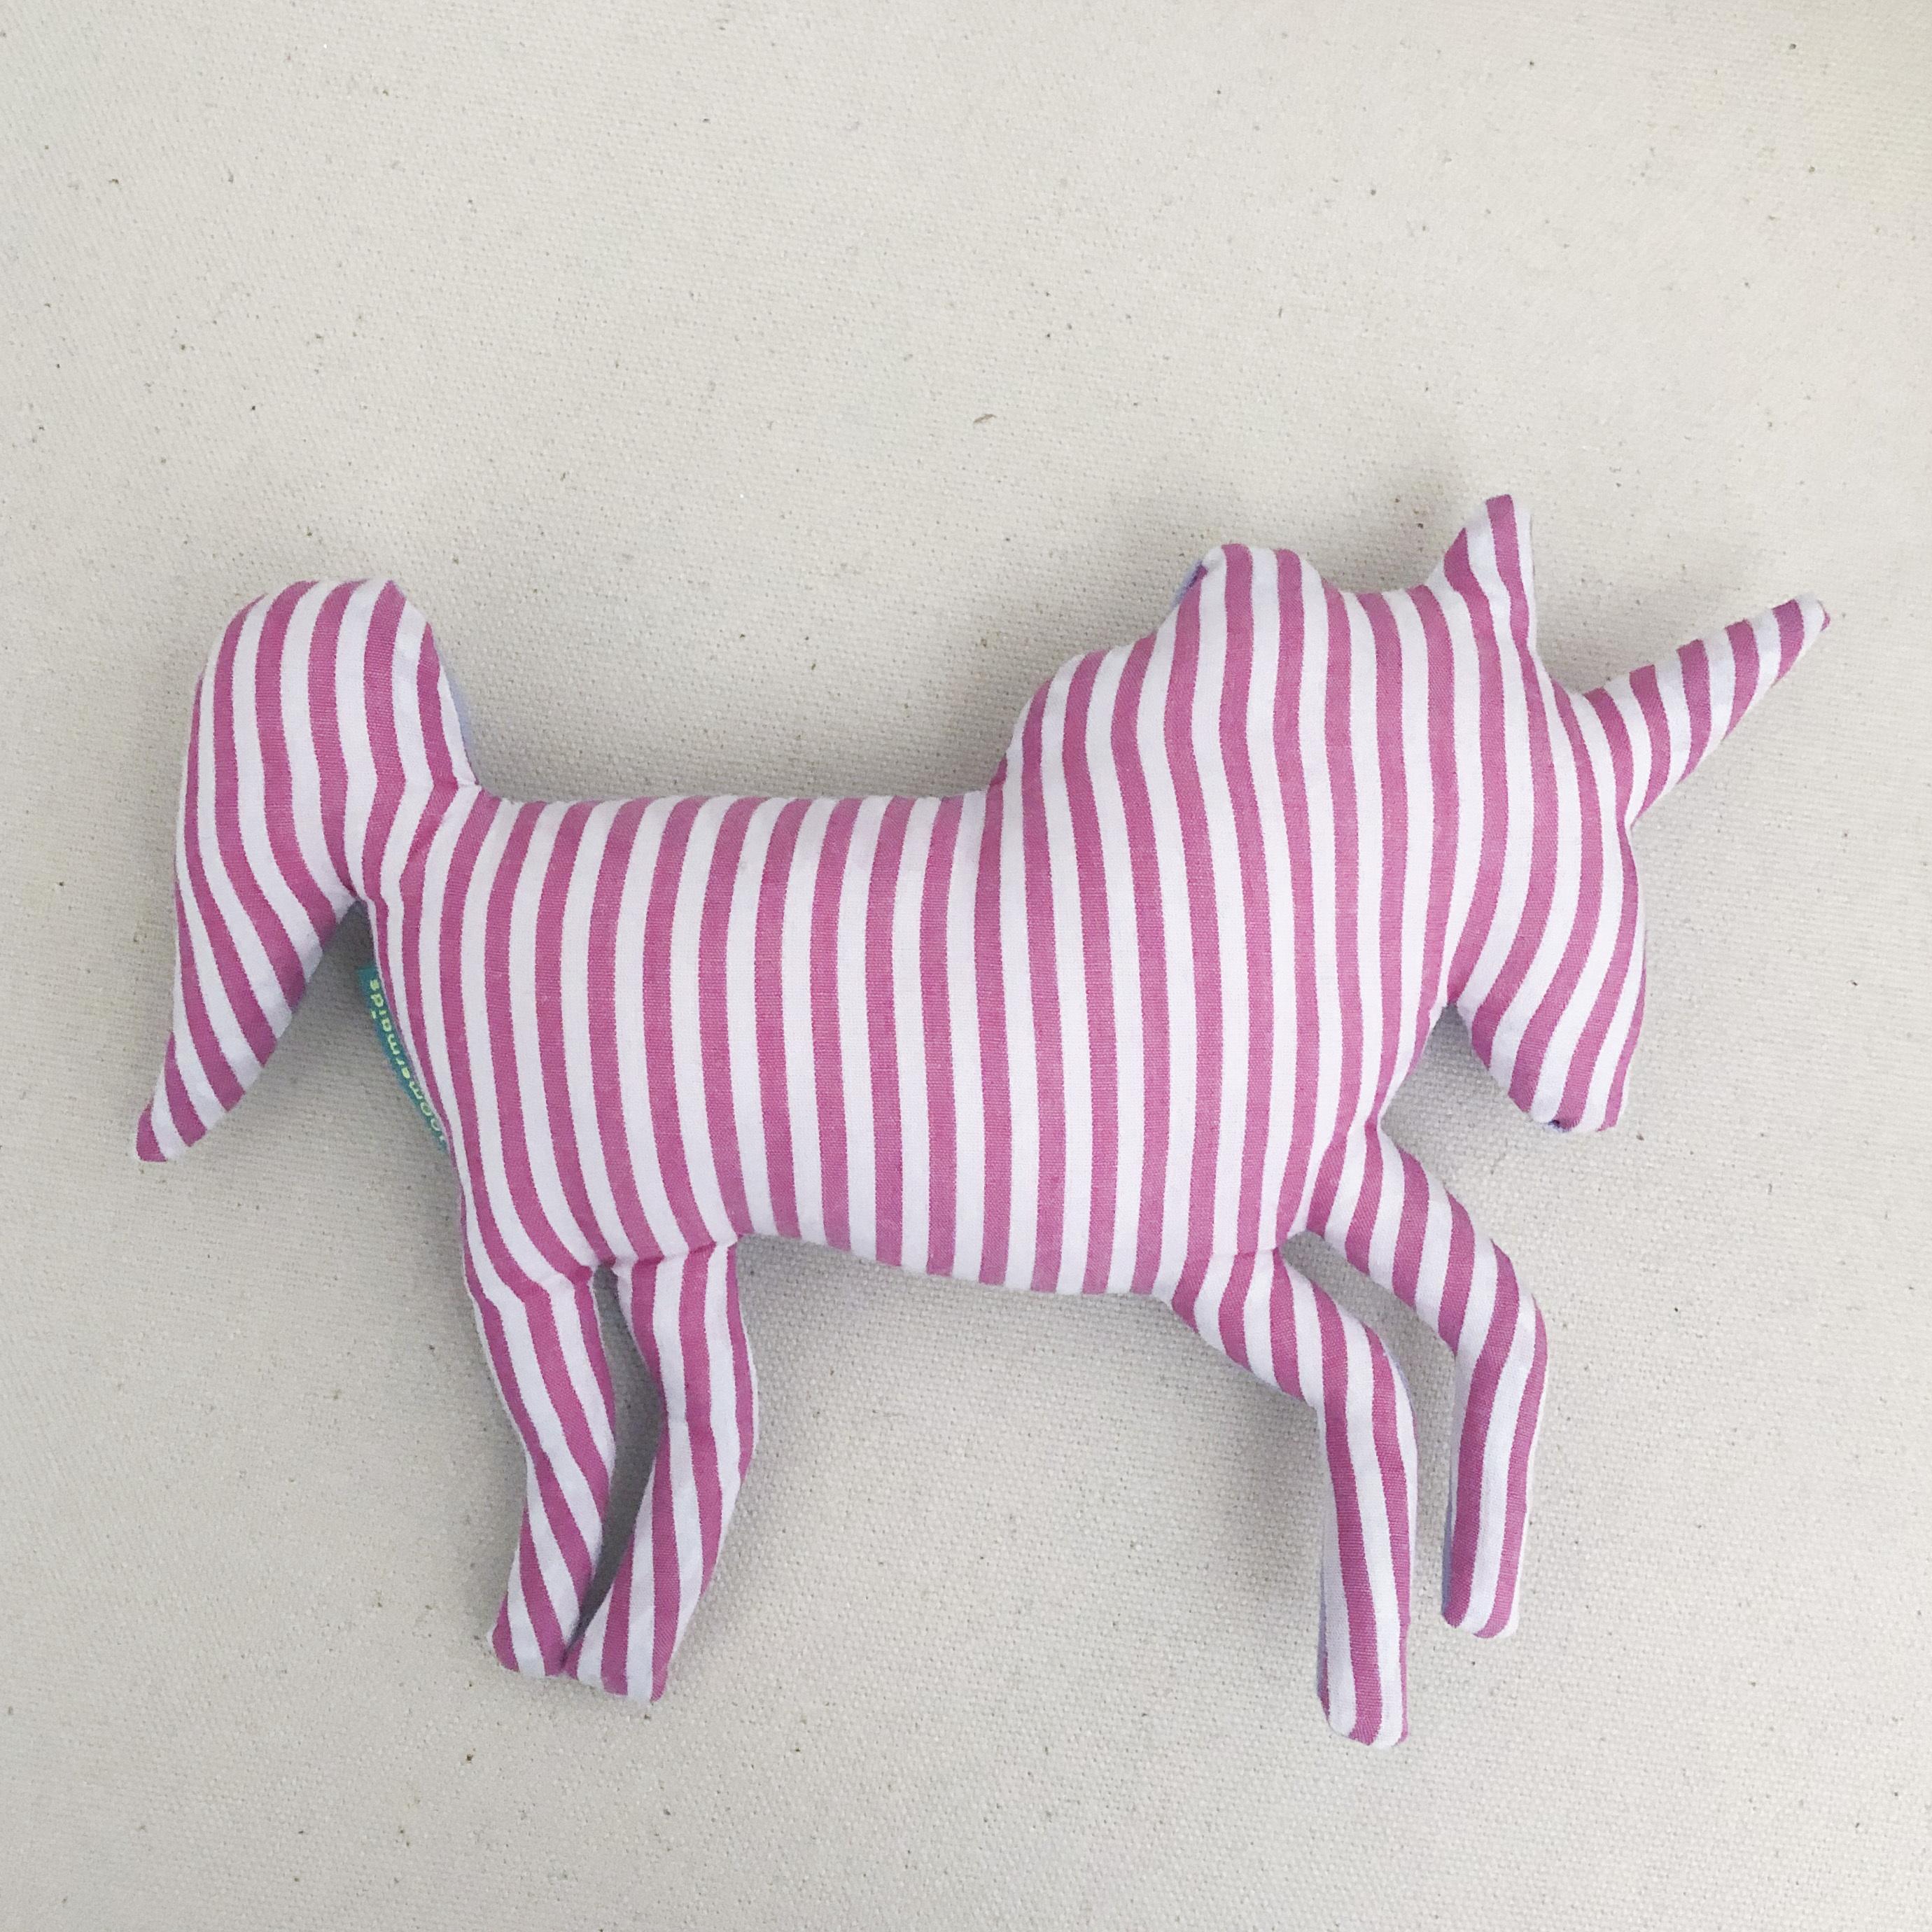 ぬいぐるみBODY_UNICORN_(pink_stripe/lavender)